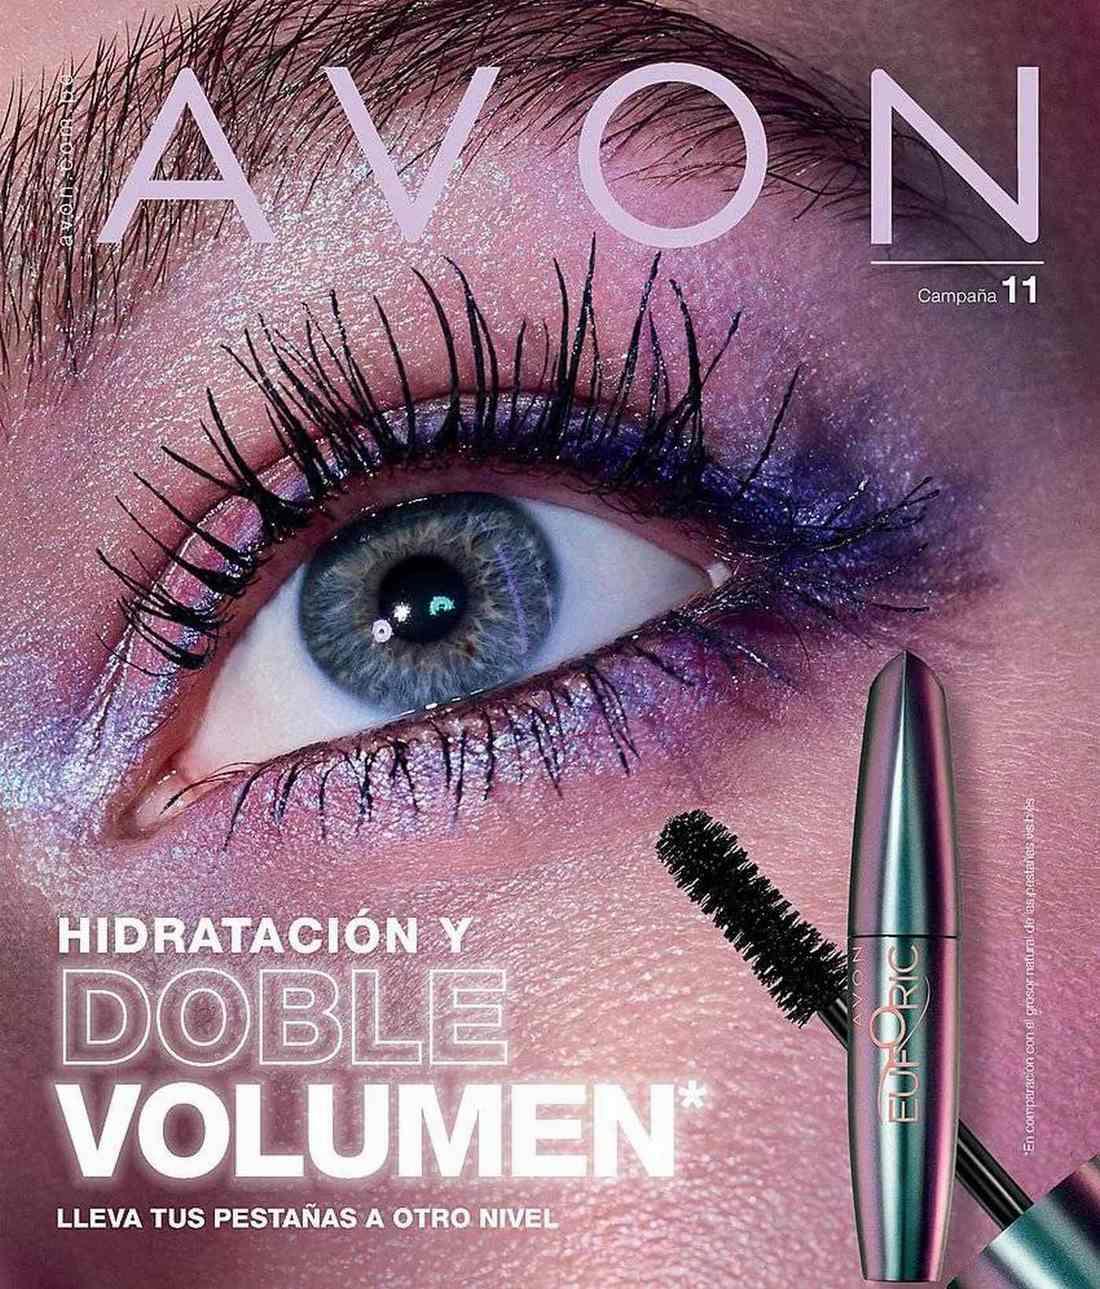 Catálogo Avon Campaña 11 2021 Perú